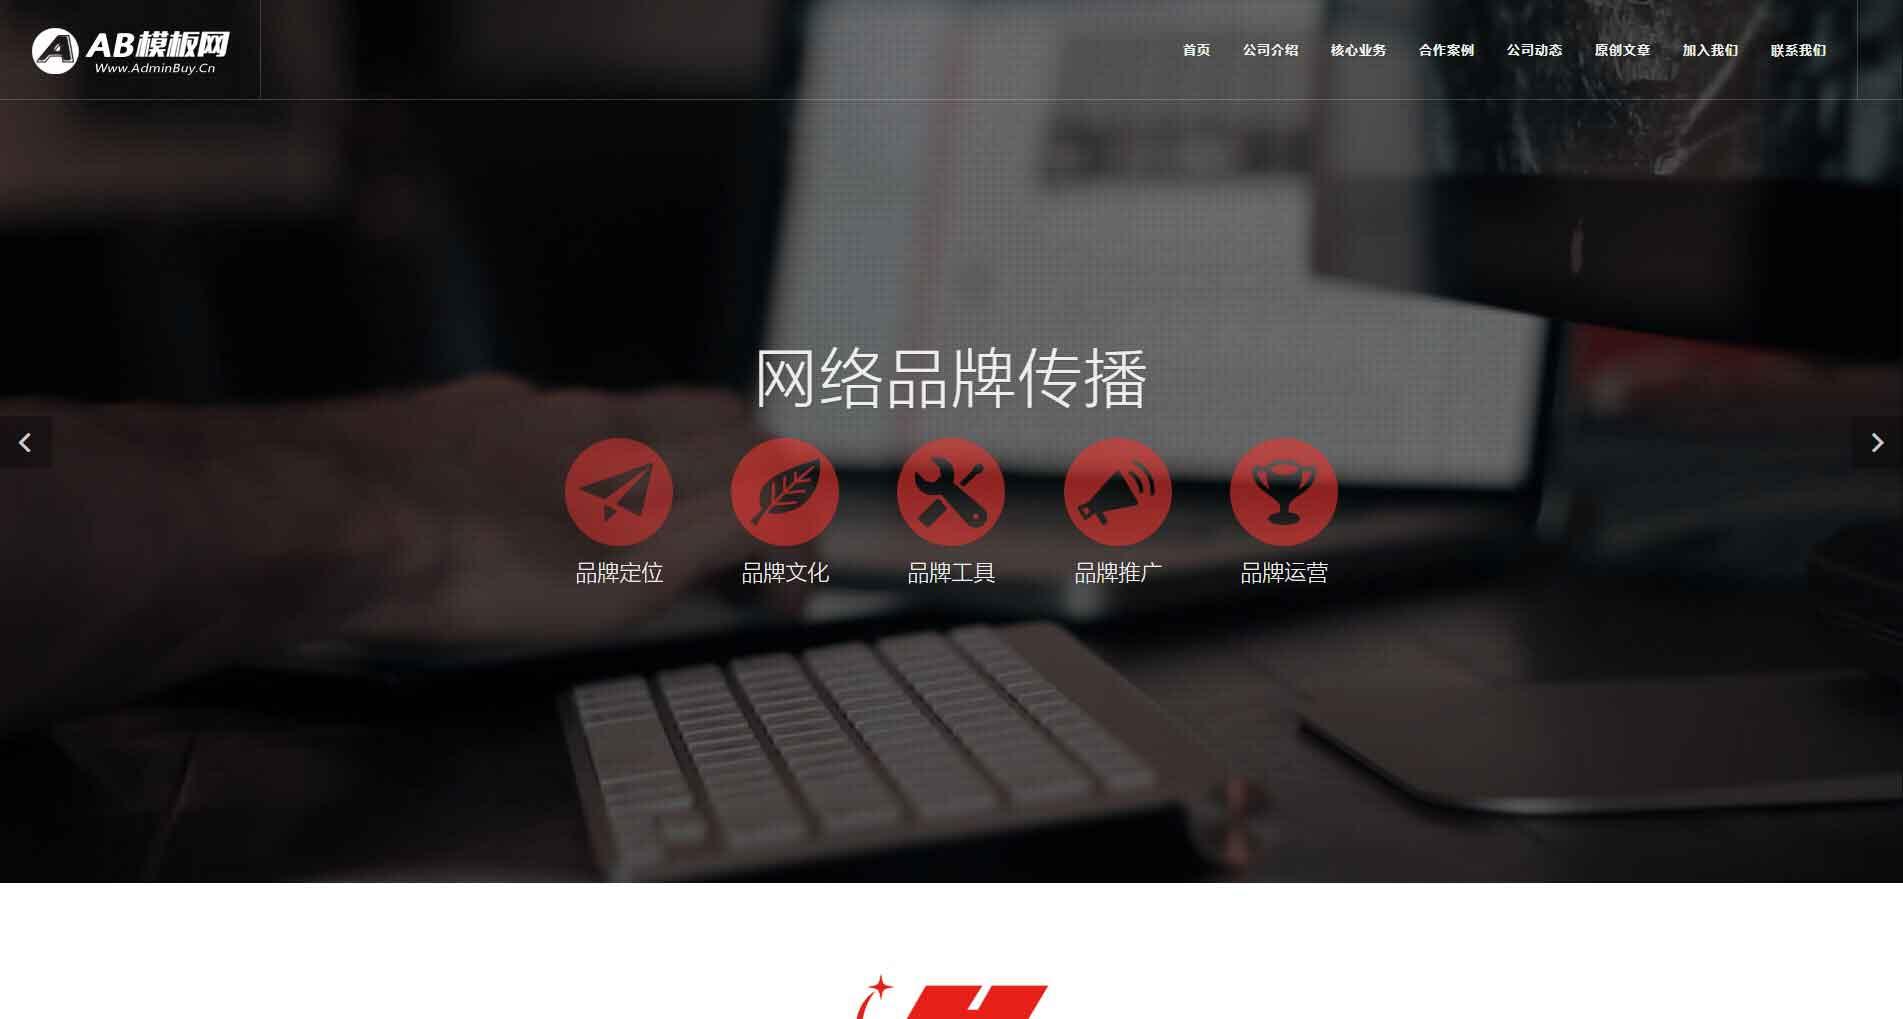 网络推广公司企业网站织梦dede模板源码[自适应手机版]插图